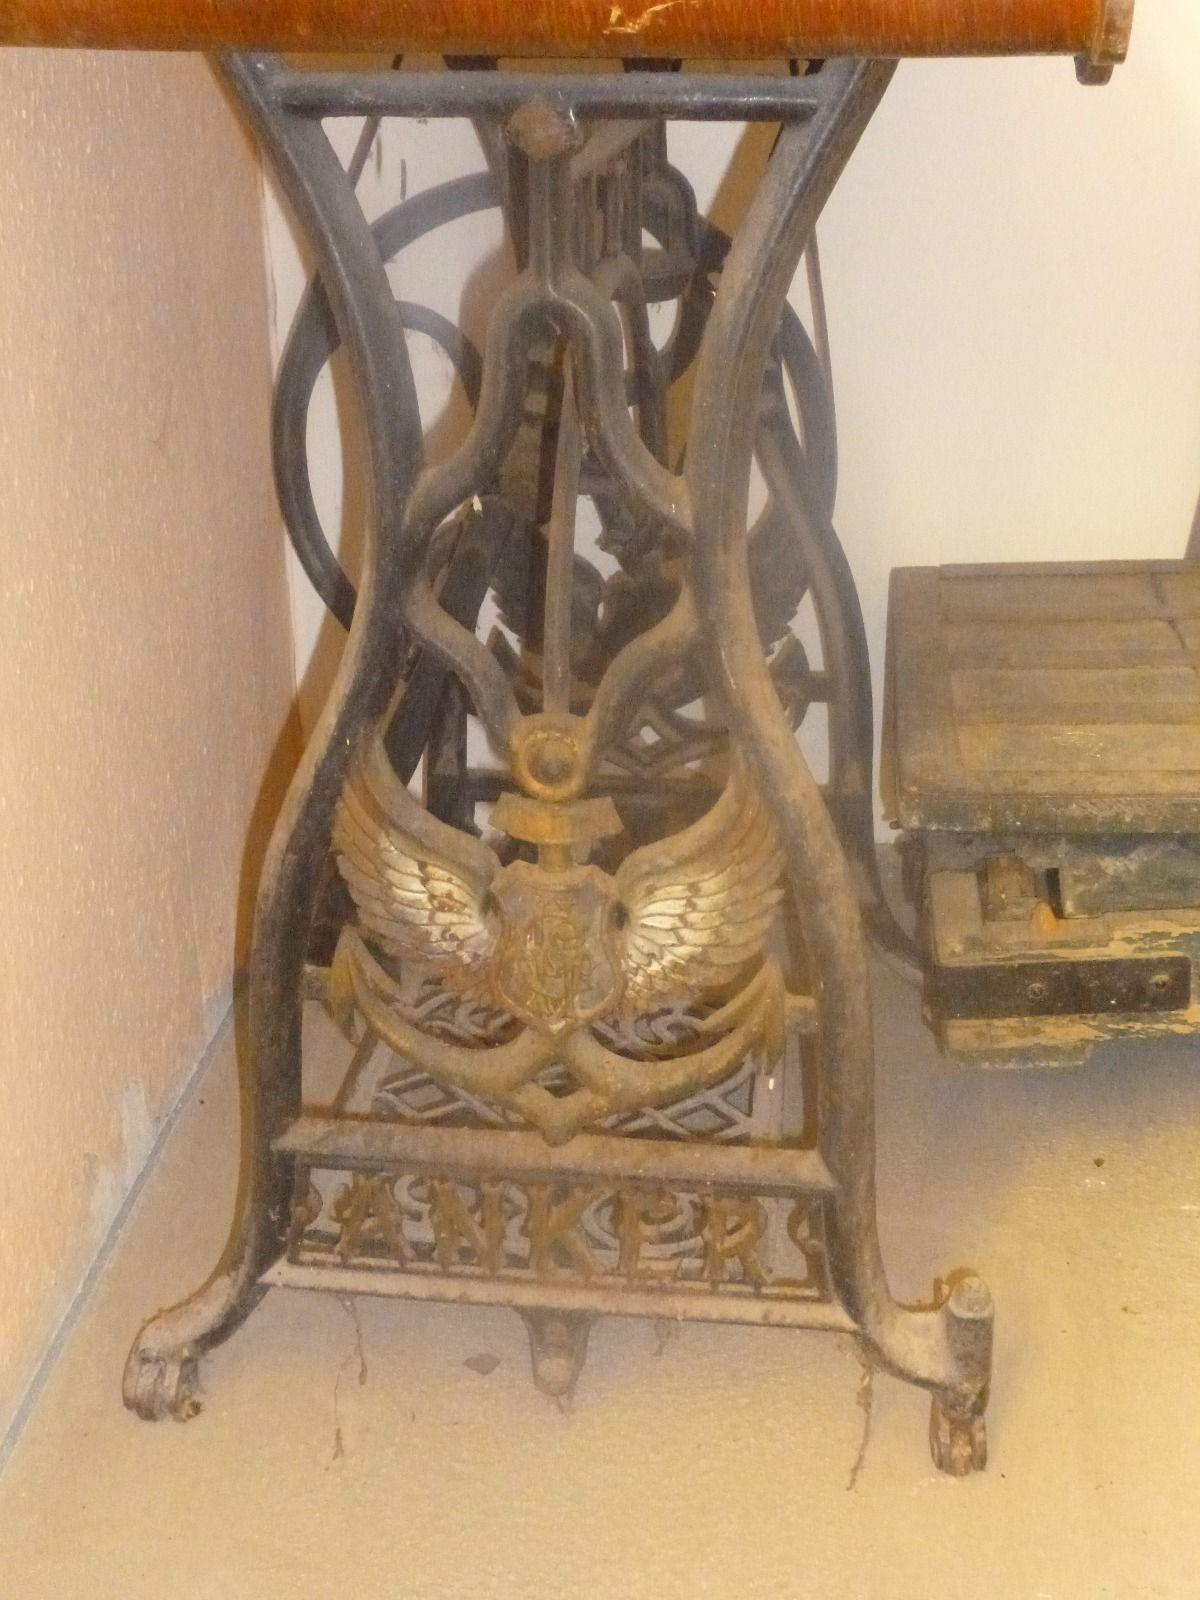 details zu antike seltene jugendstil kinder n hmaschine um 1900 vintage or antique sewing. Black Bedroom Furniture Sets. Home Design Ideas